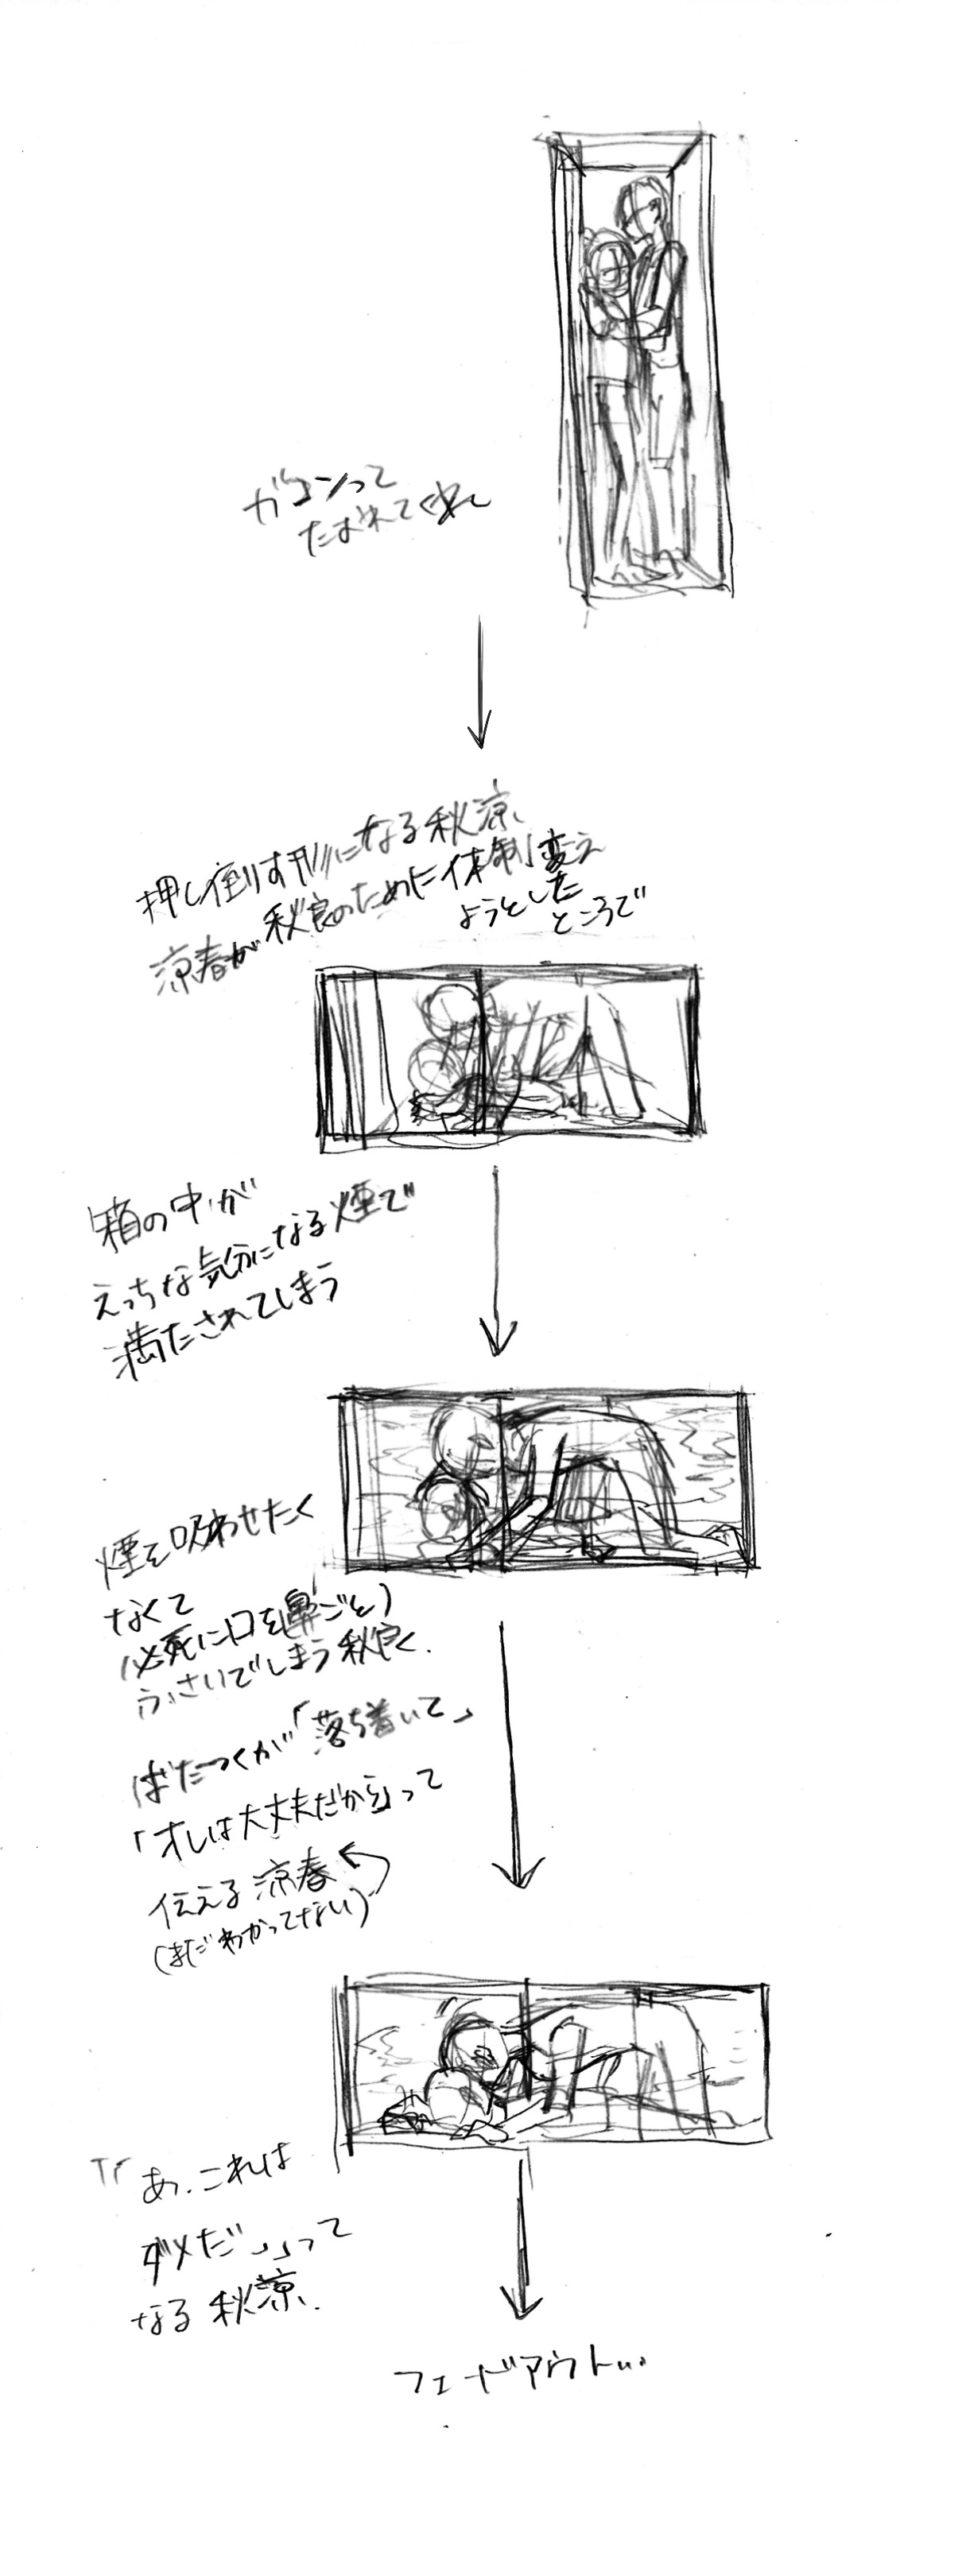 透明な箱に閉じ込められる  秋涼 / 秋ユサ